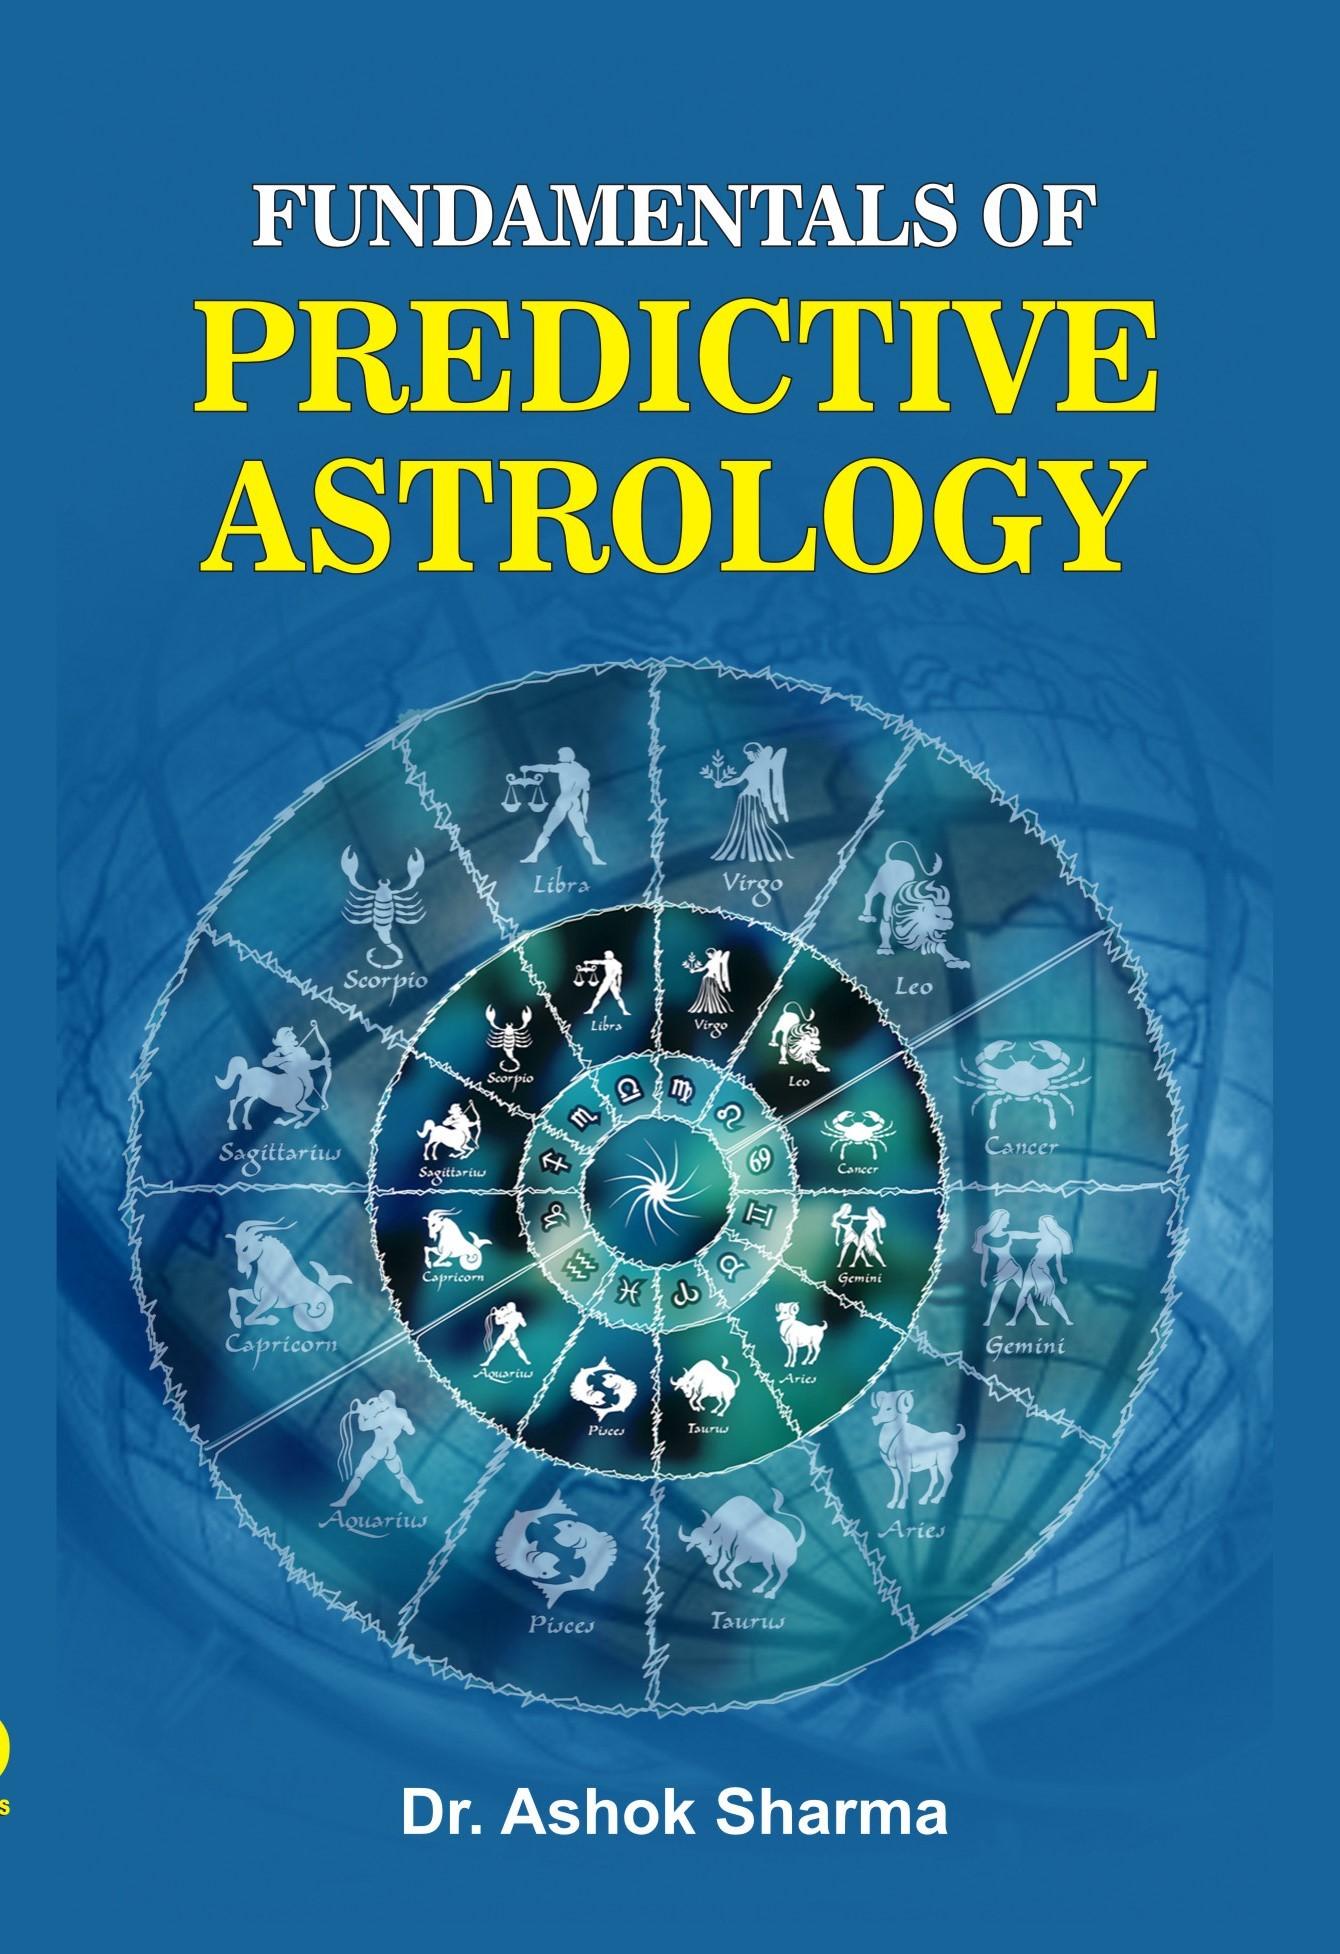 FUNDAMENTALS OF PREDICTIVE ASTROLOGY